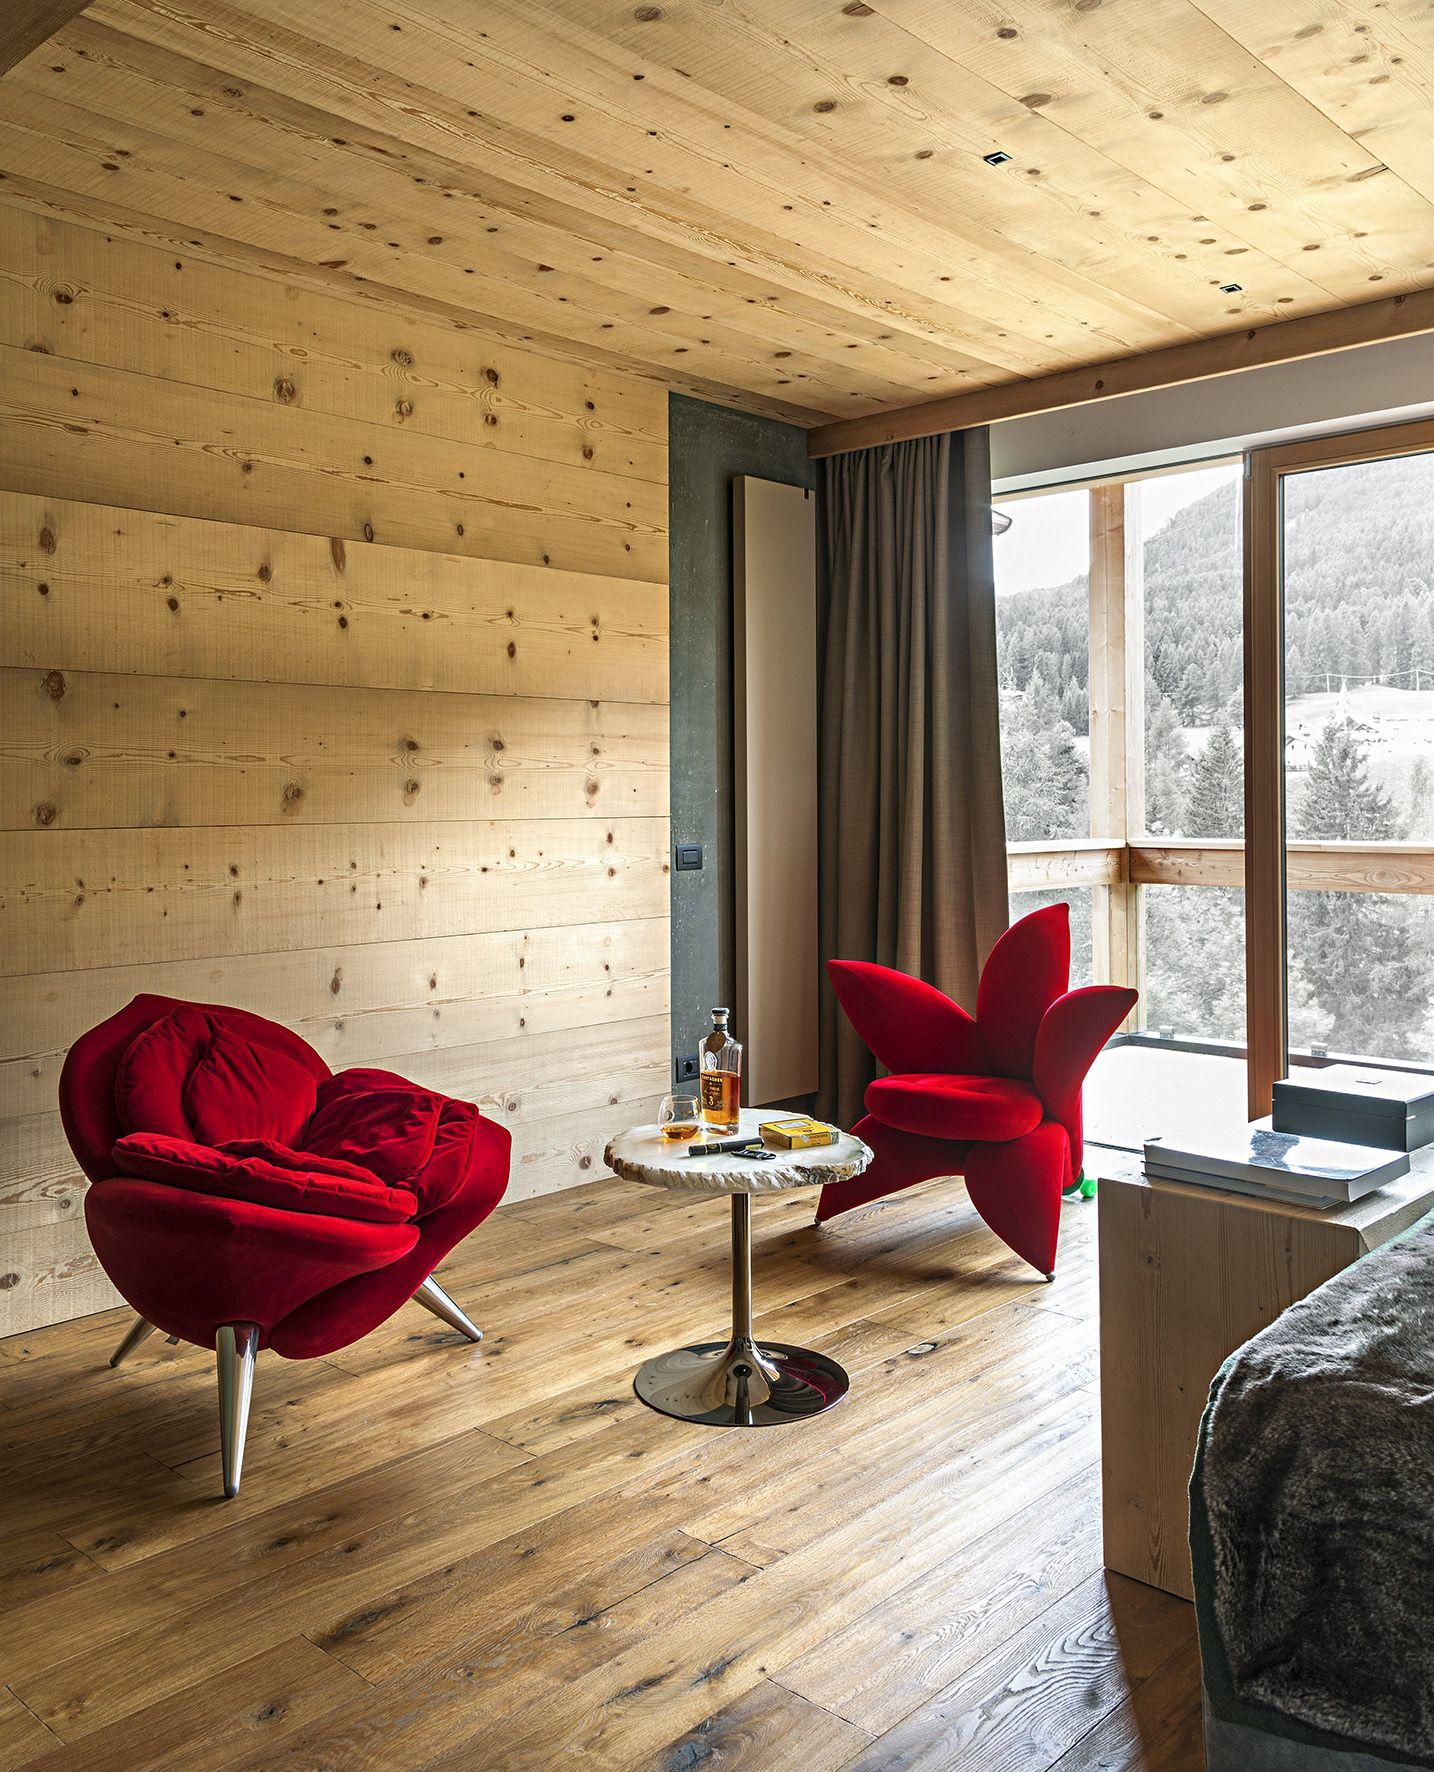 Hotel Lodge Alverà - image 6